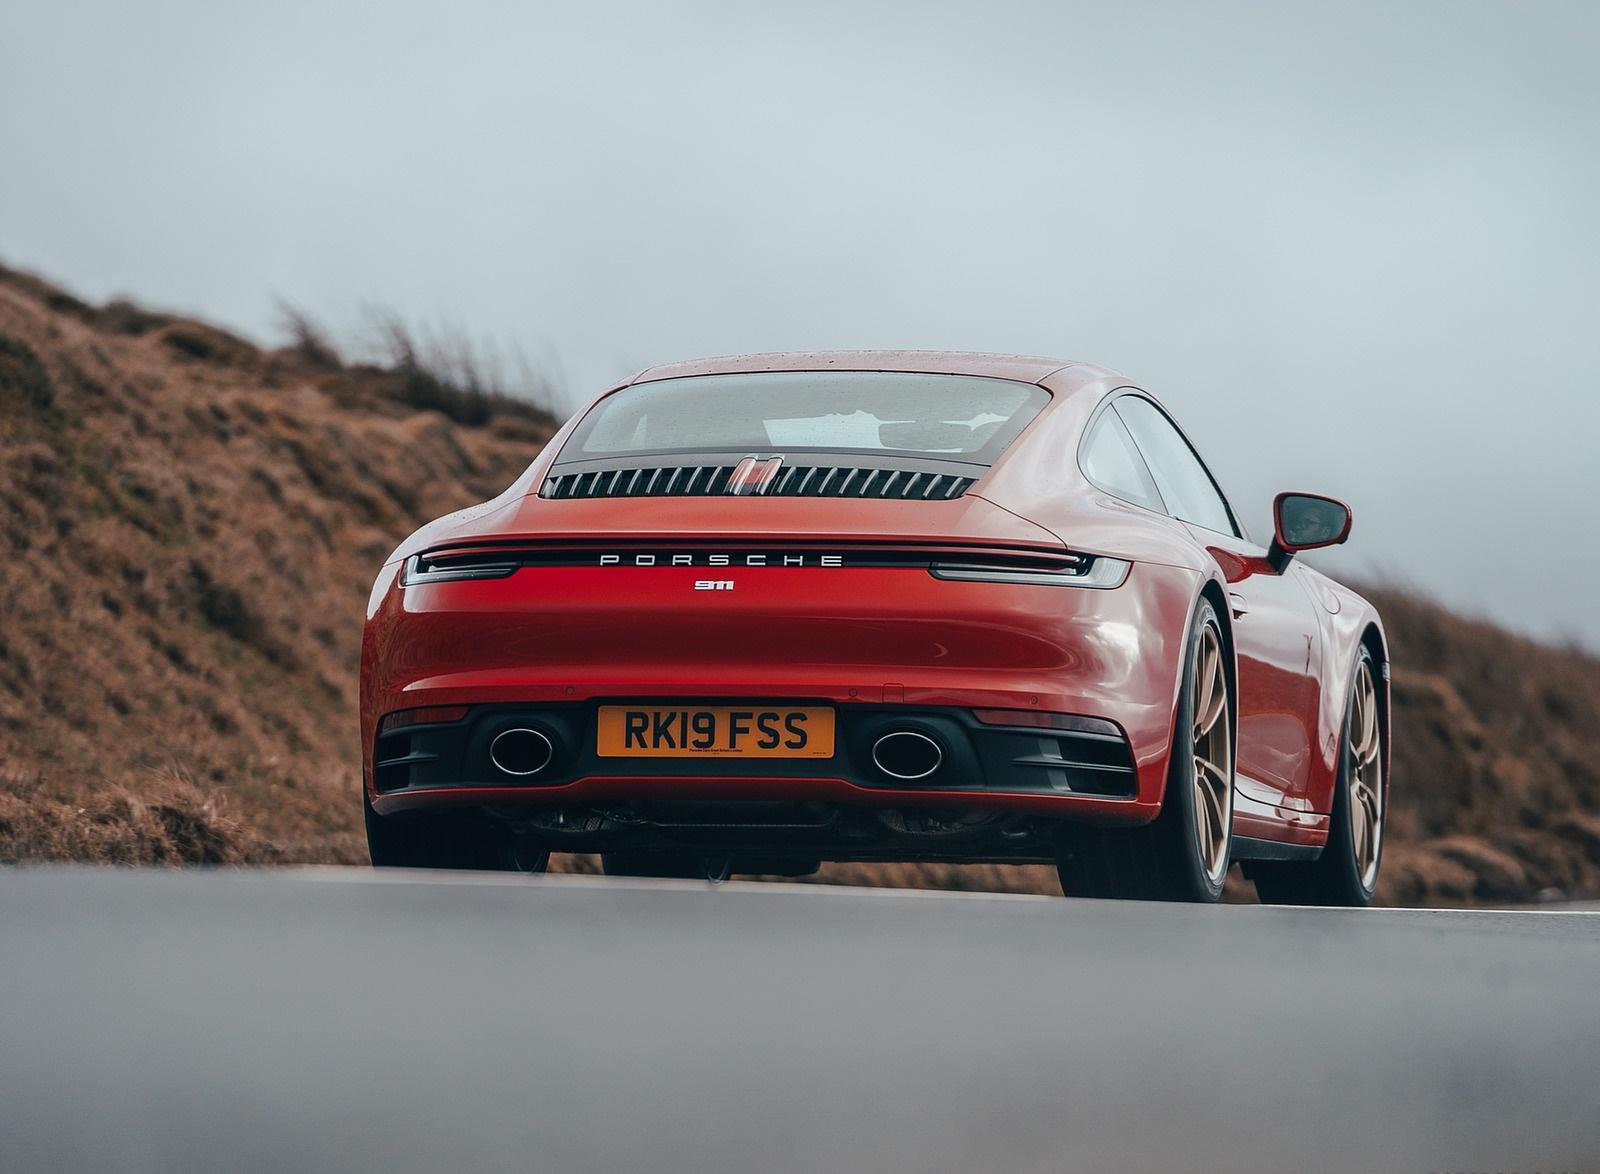 2019 Porsche 911 992 Carrera S Uk Spec Rear Wallpapers 16